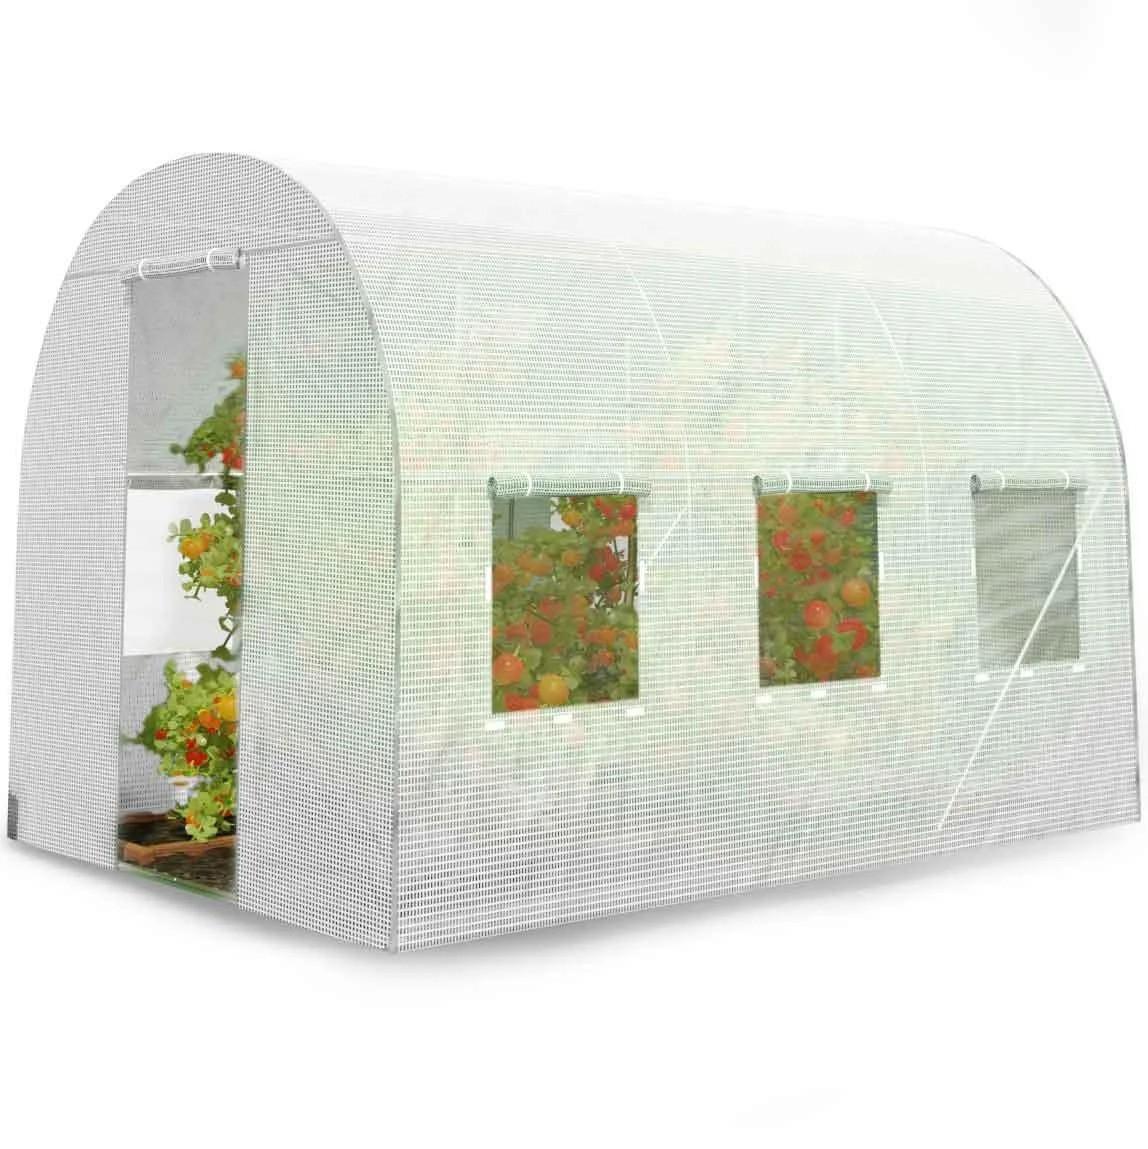 Теплиця парник з вікнами 6 м² 3 х 2 х 2 м для дачі, городу